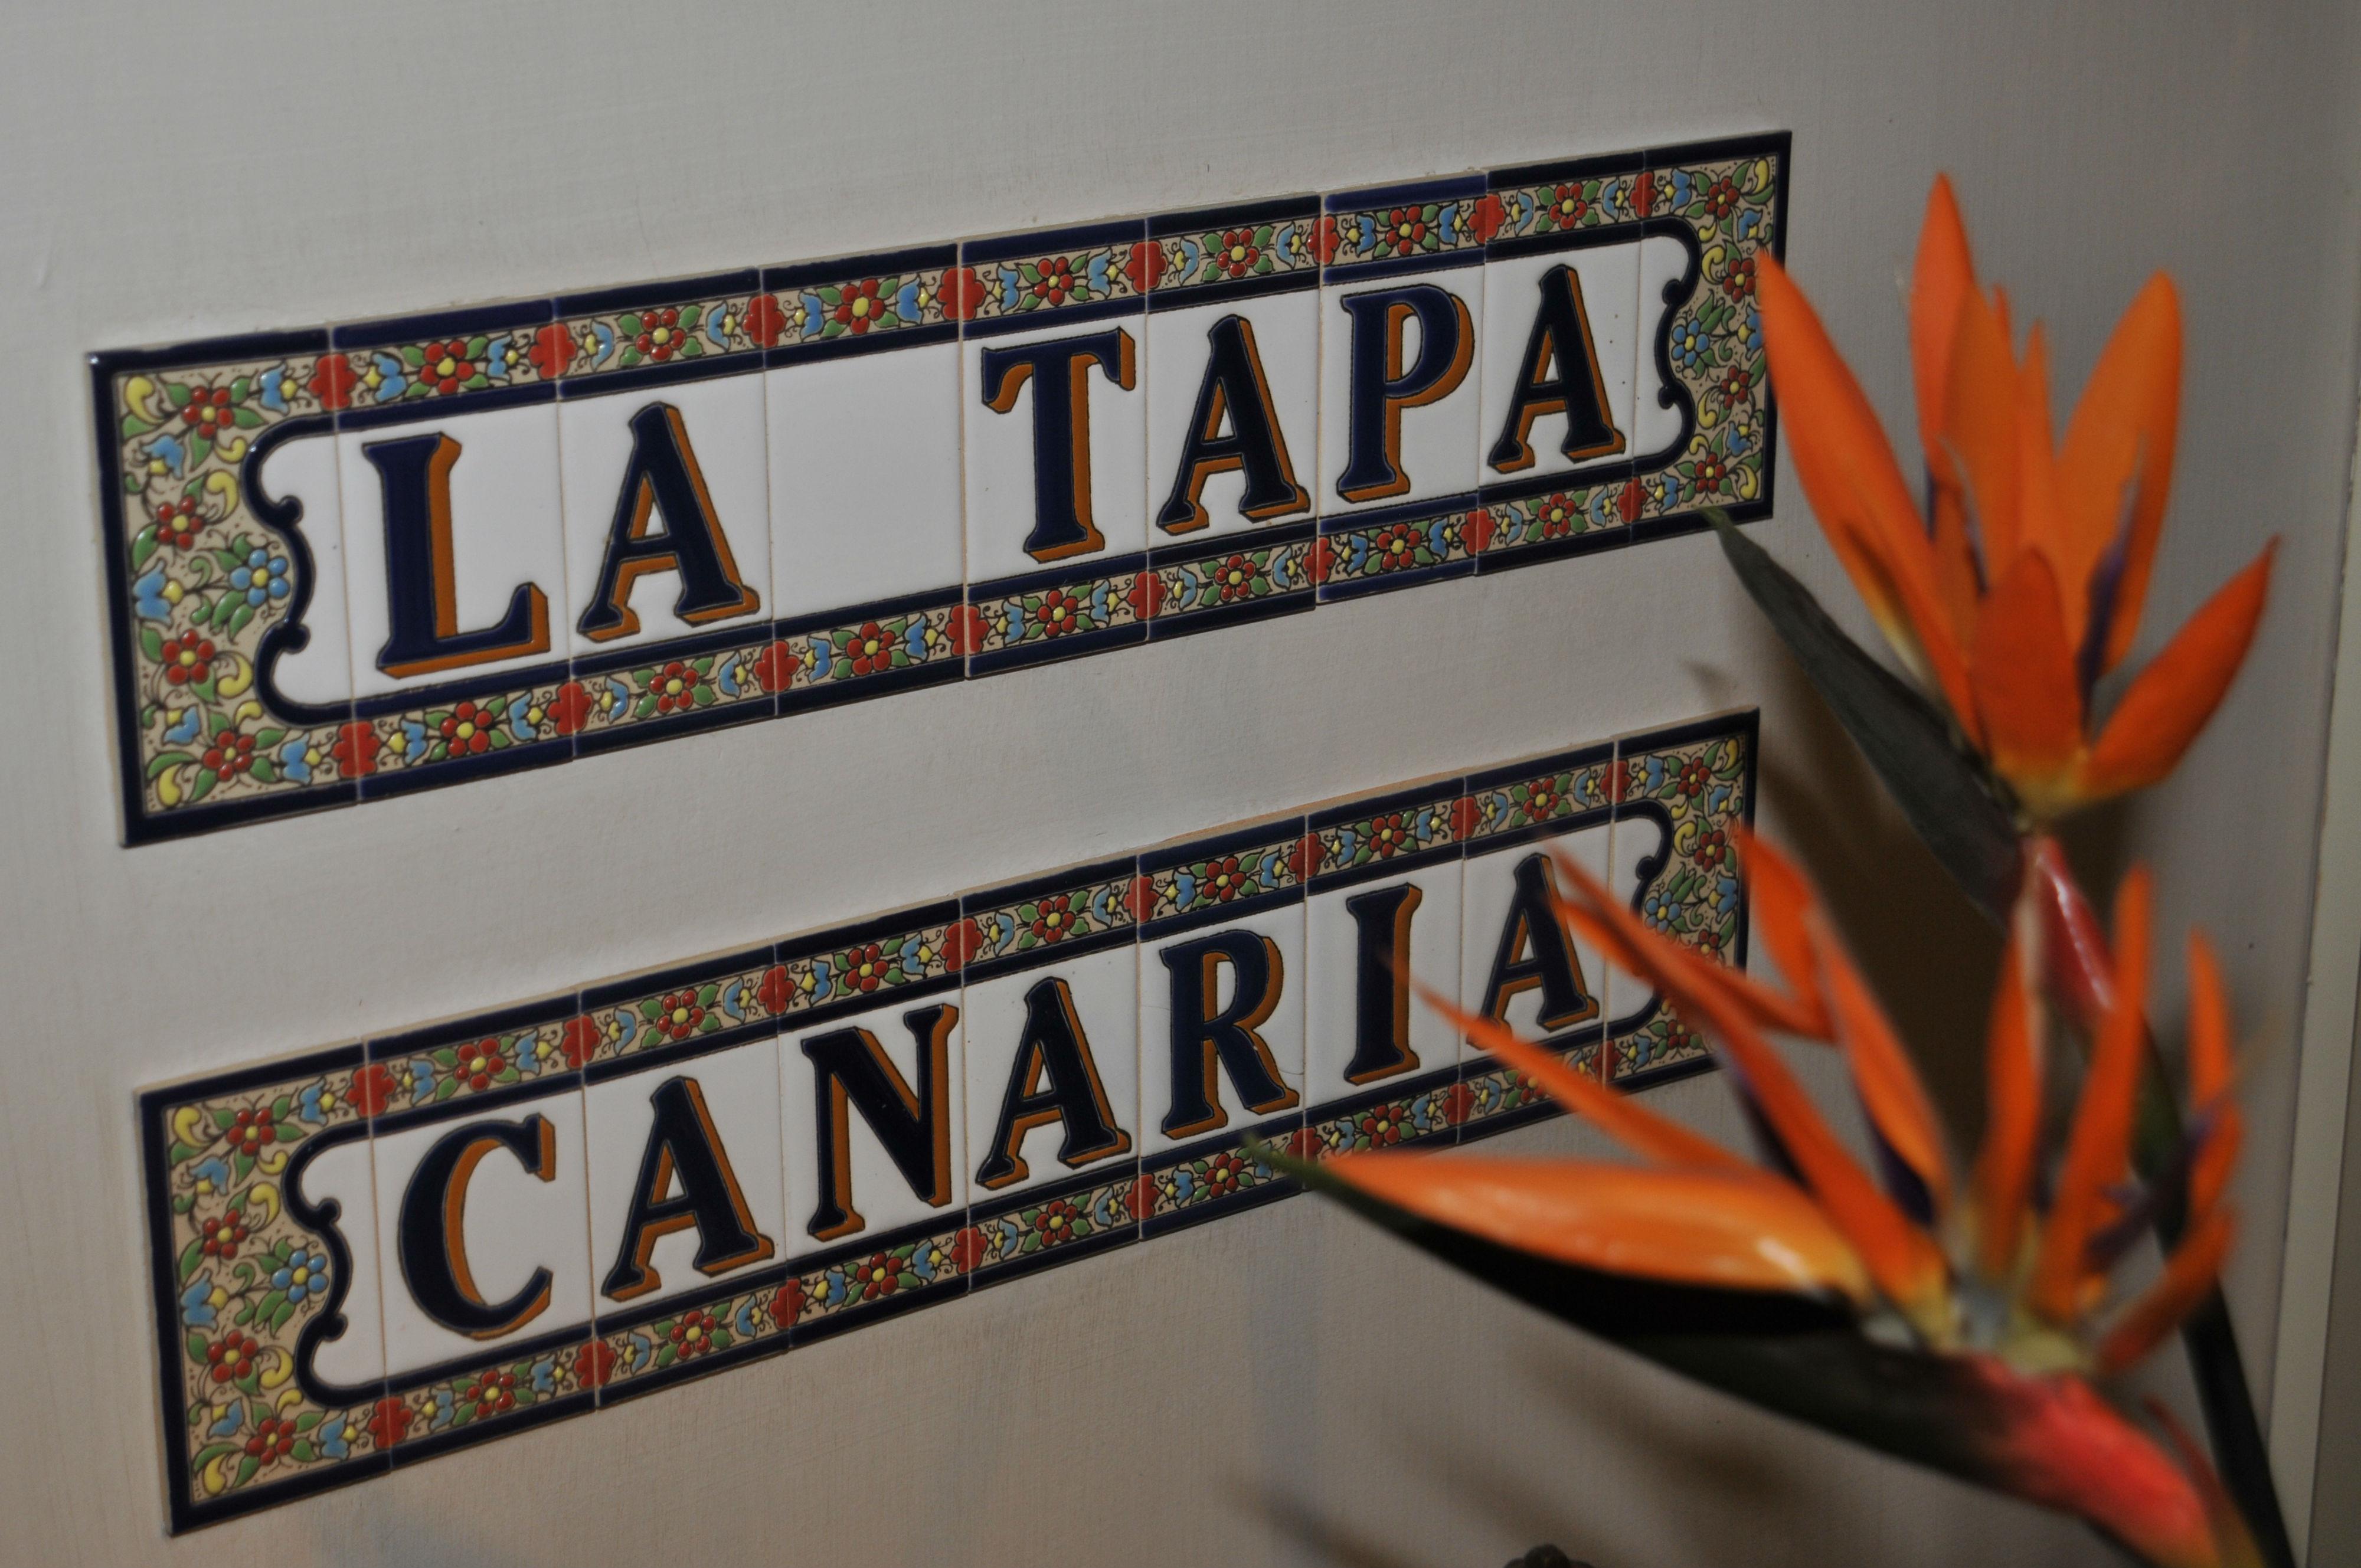 La Tapa Canaria